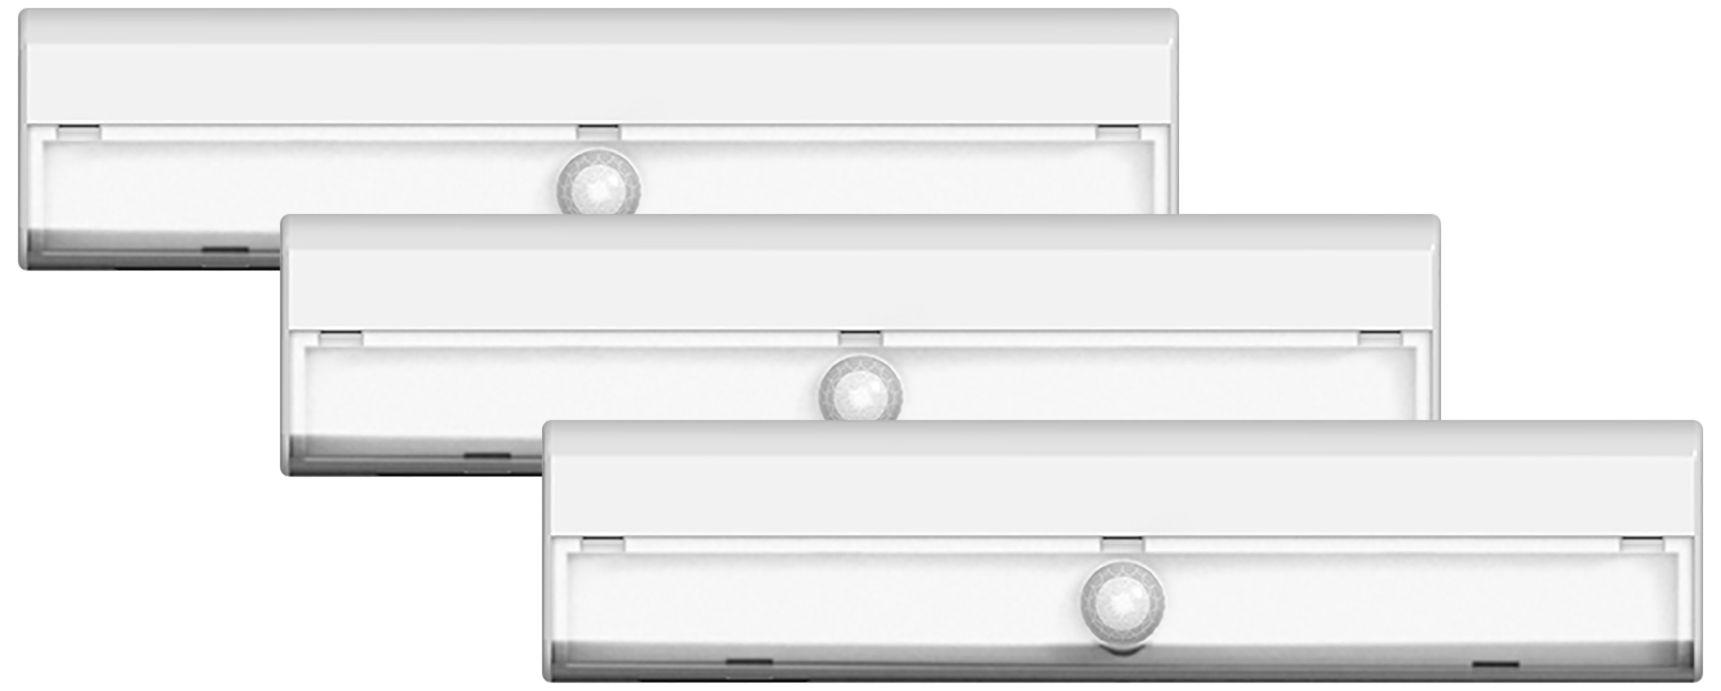 motion sensor under cabinet lights